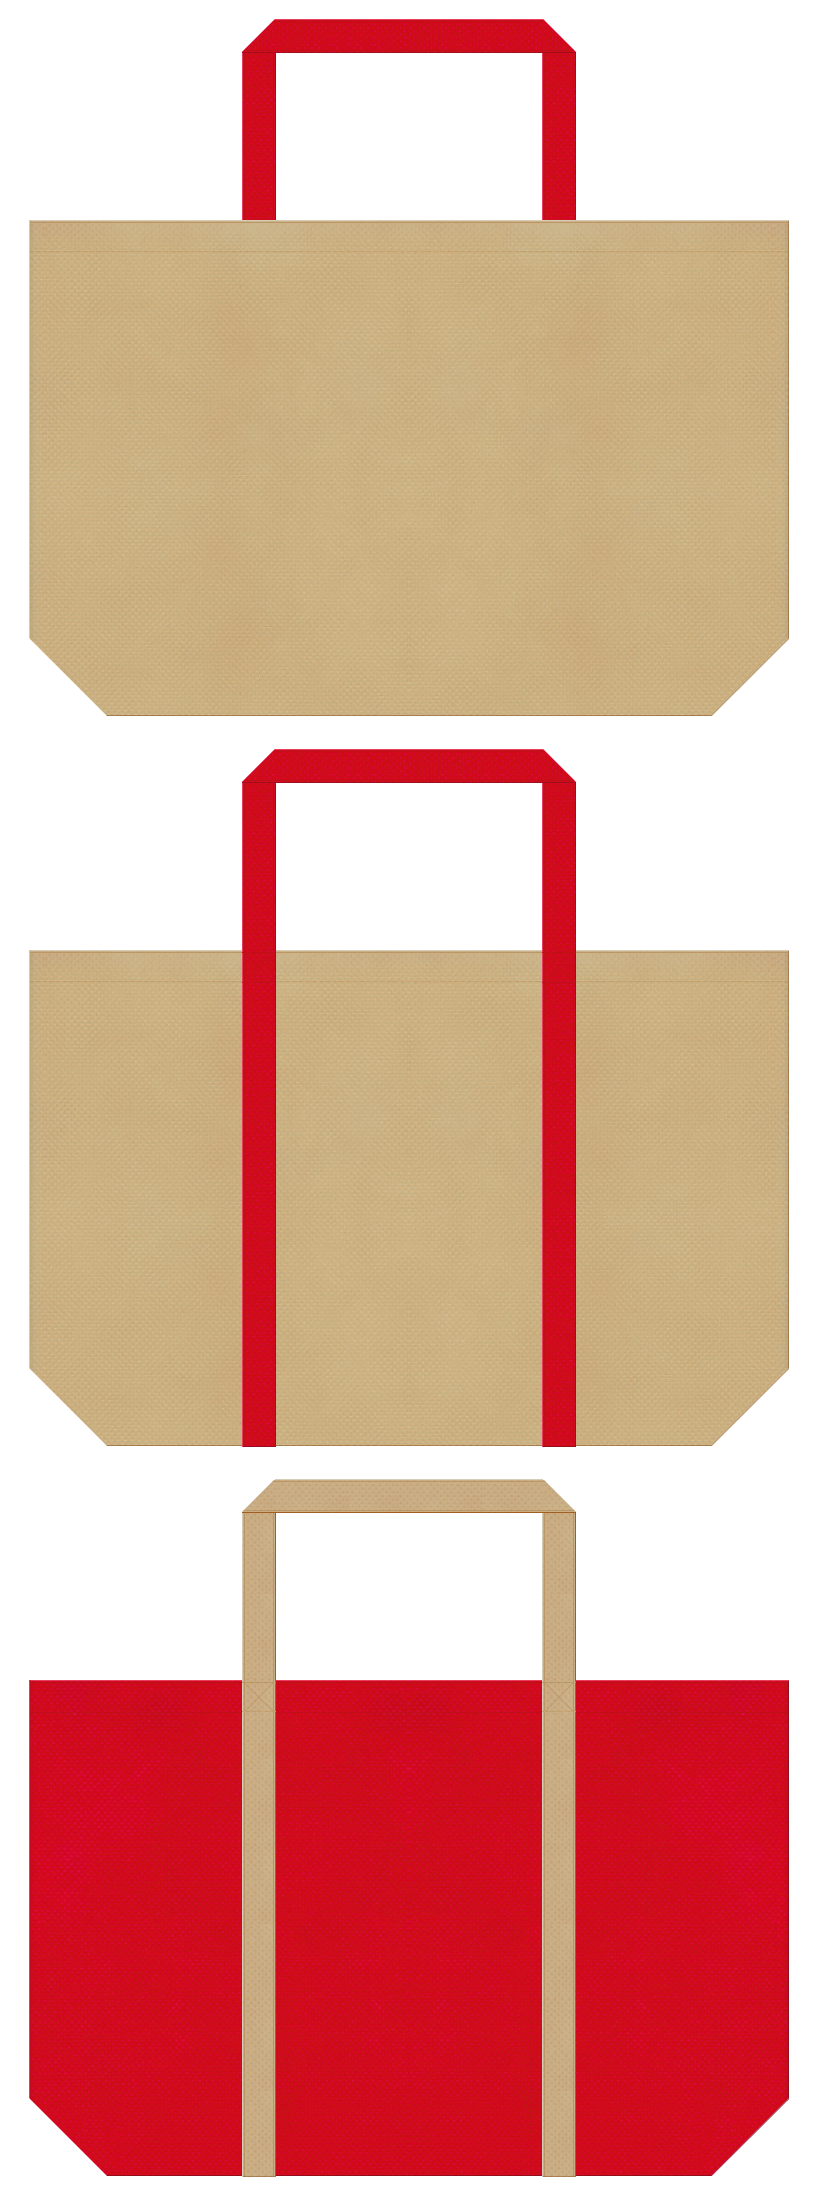 赤鬼・節分・大豆・一合枡・野点傘・茶会・お祭り・和風商品のショッピングバッグにお奨めの不織布バッグデザイン:カーキ色と紅色のコーデ